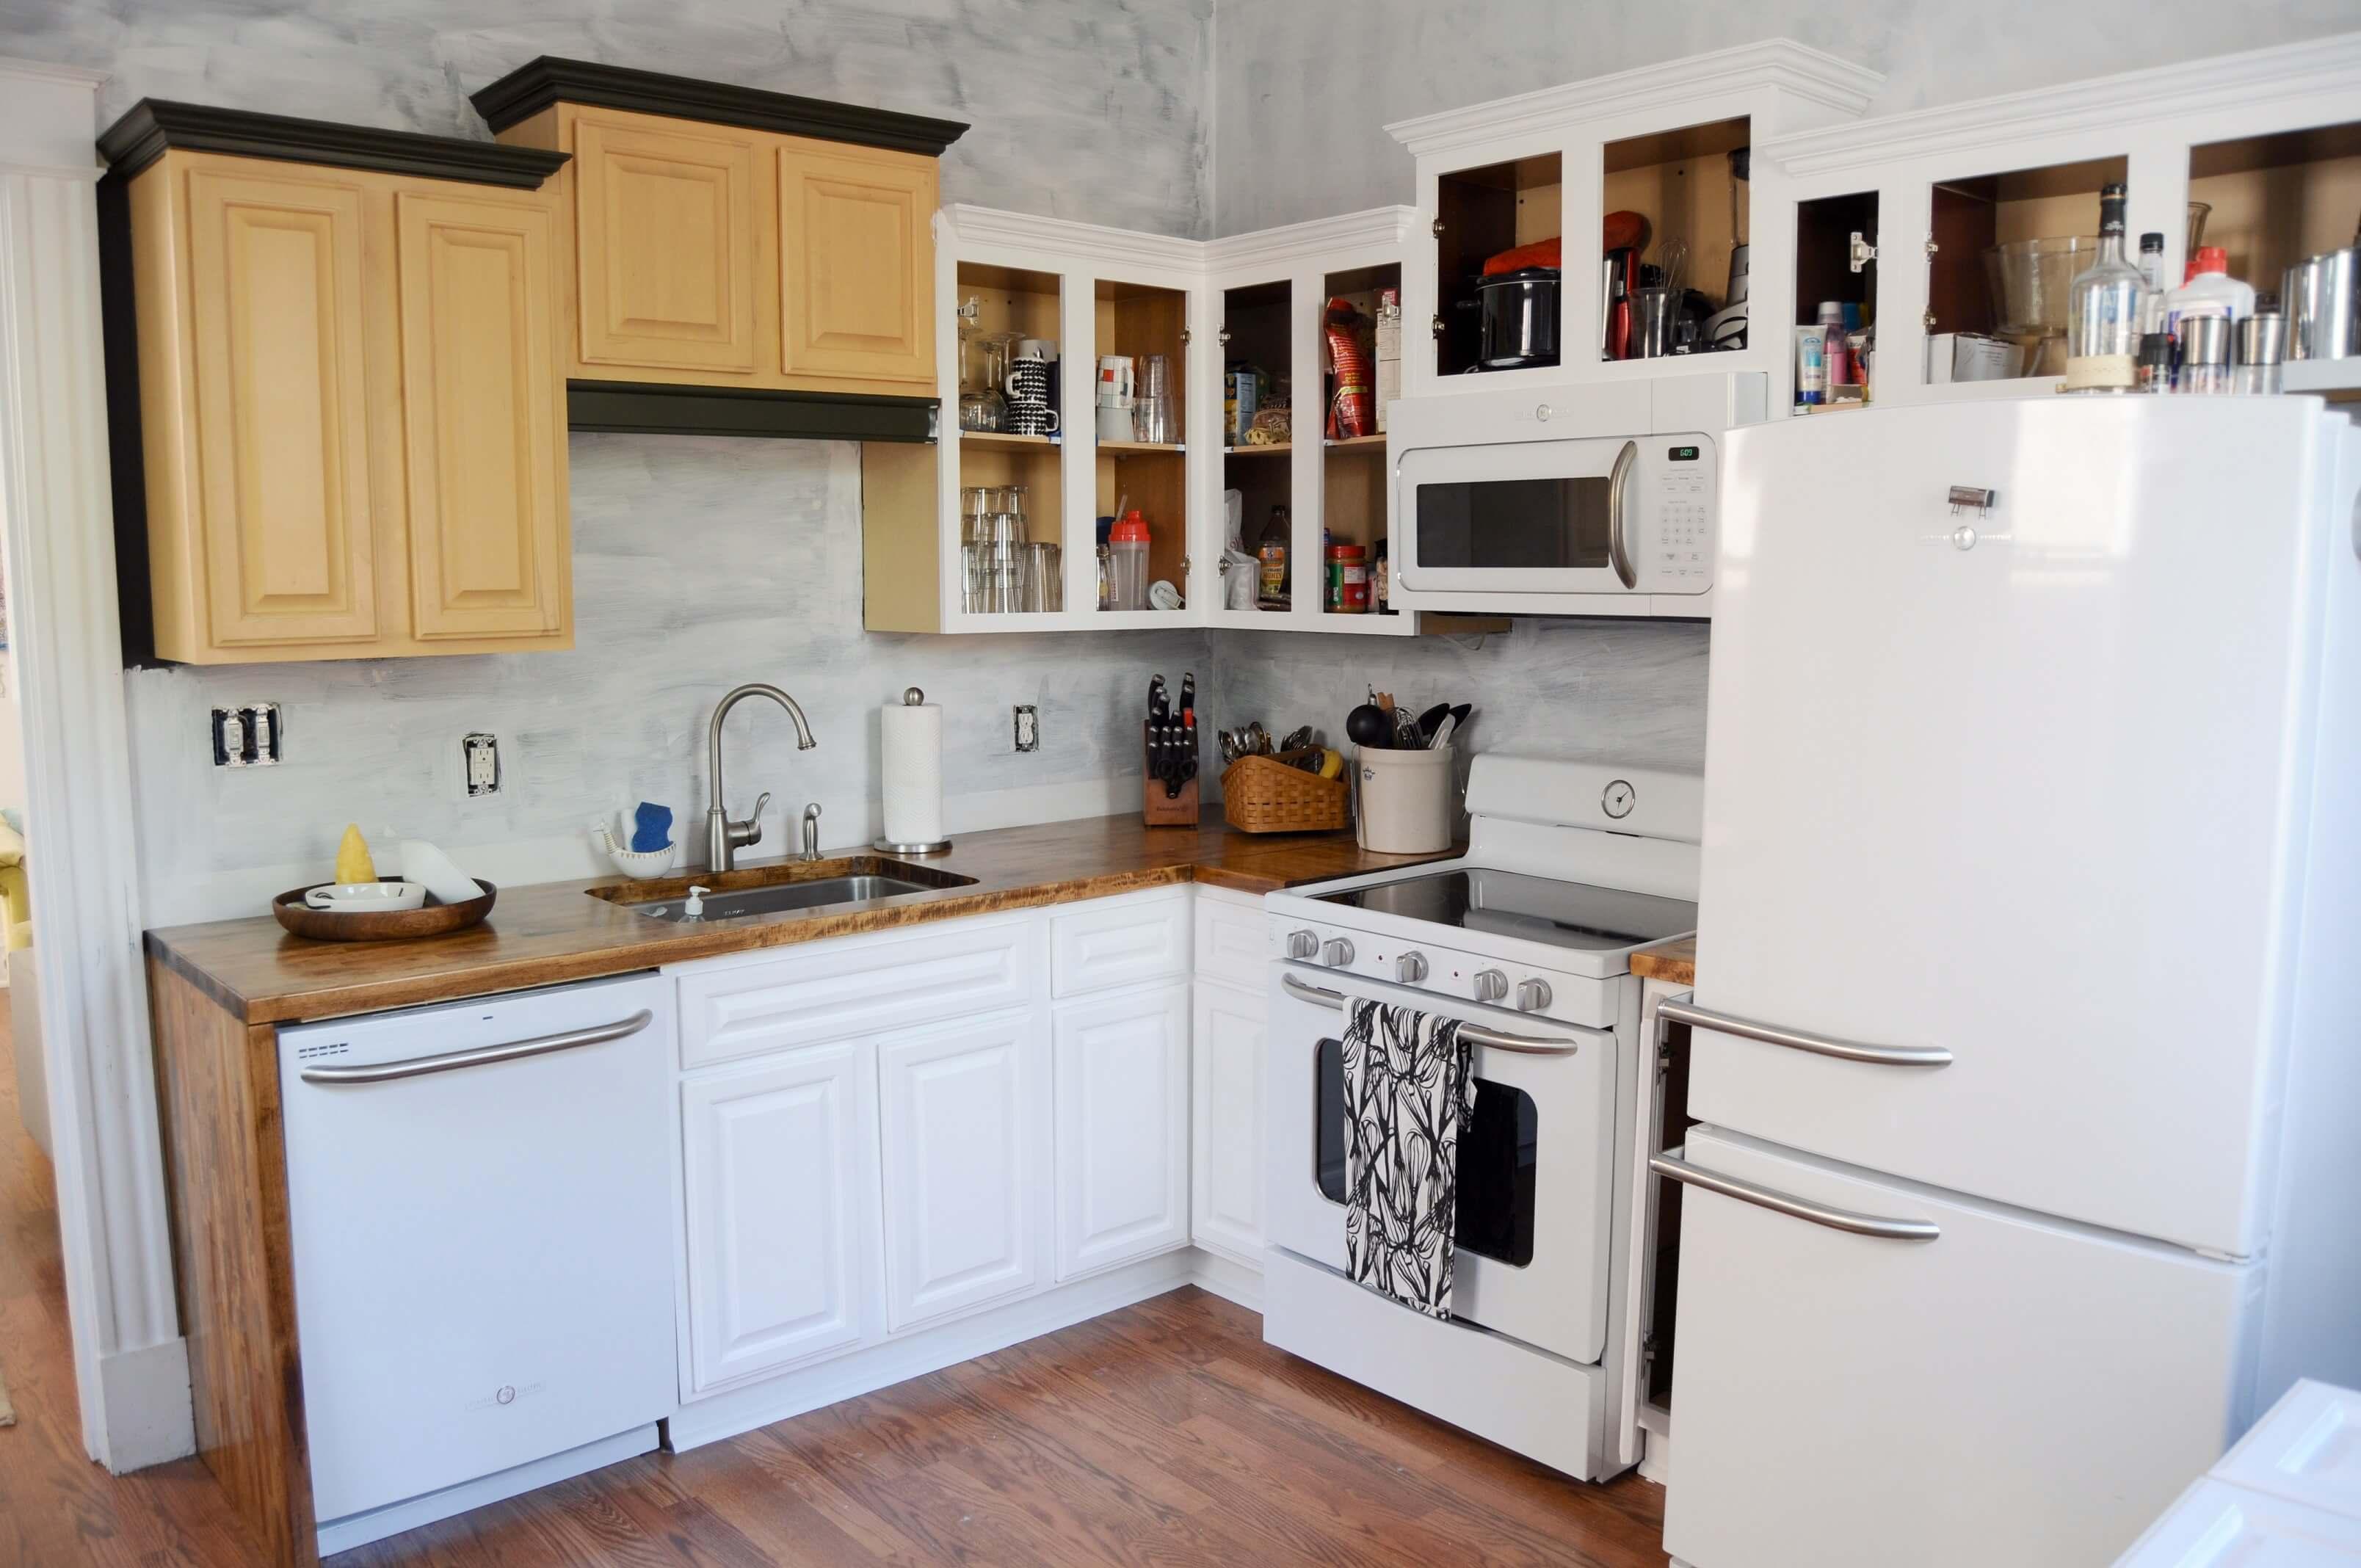 inrichting professionele keuken : Alles Over De Inrichting Van Je Keuken Wiki Wonen